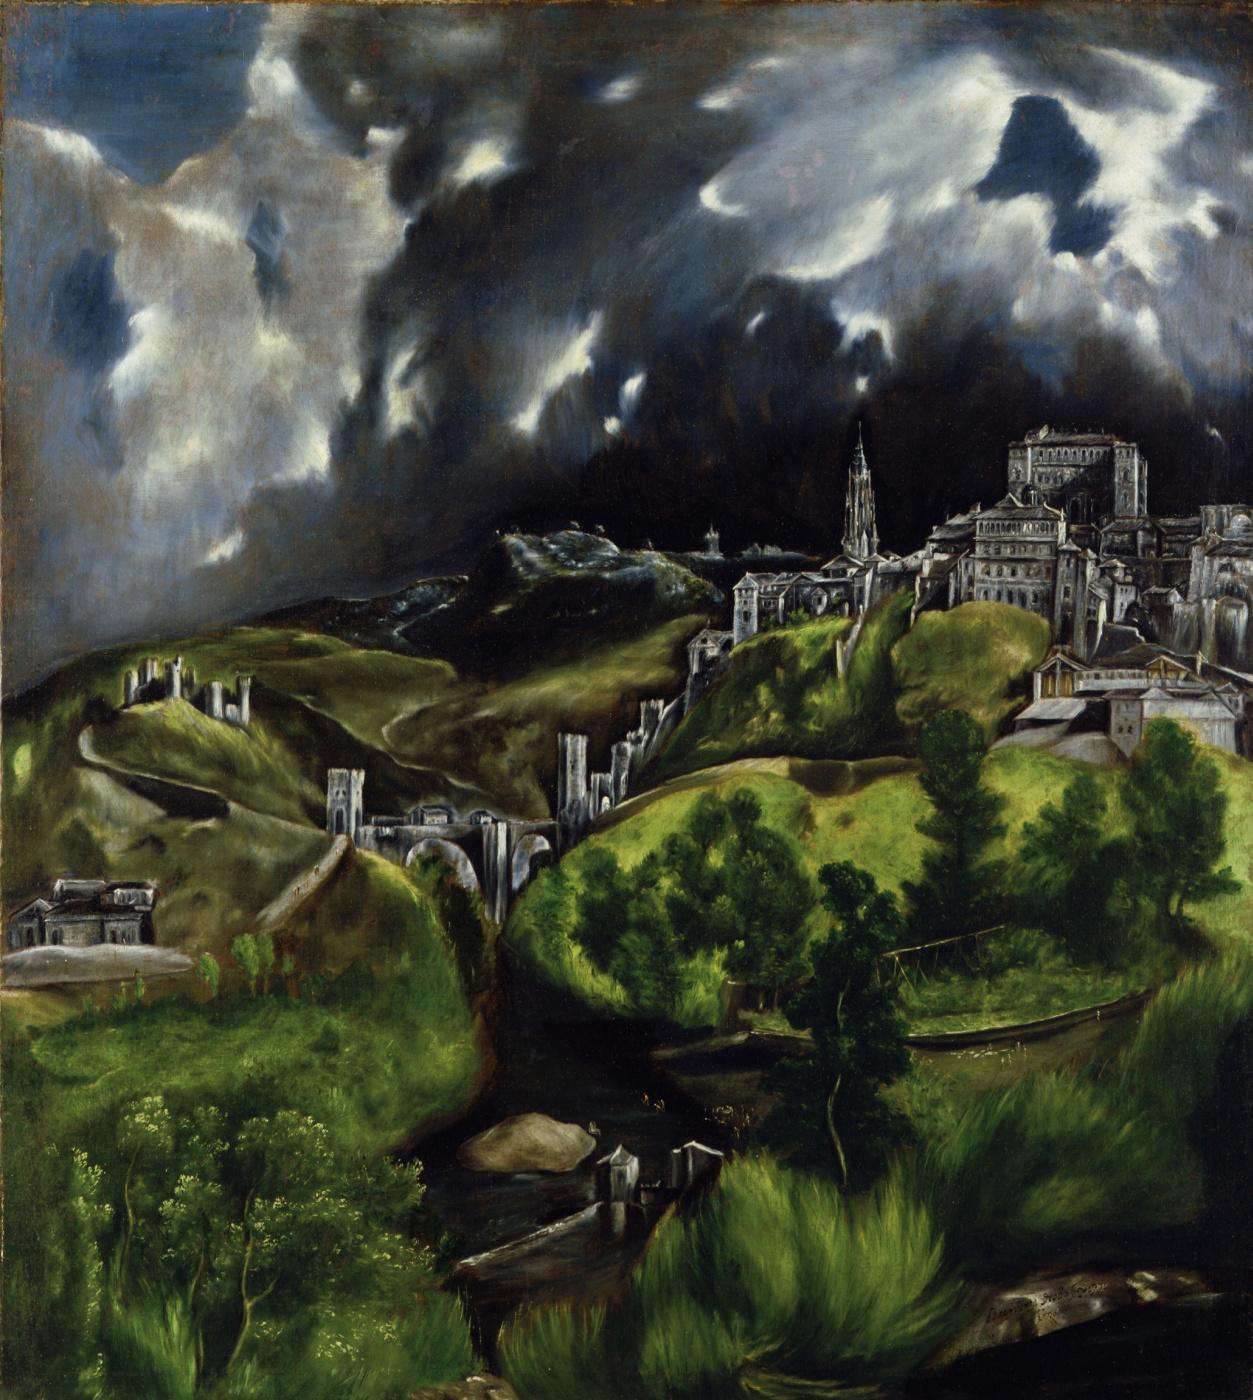 Две в одном: Нью-Йорк отмечает 400-летие со дня смерти Эль Греко двумя синхронными выставками